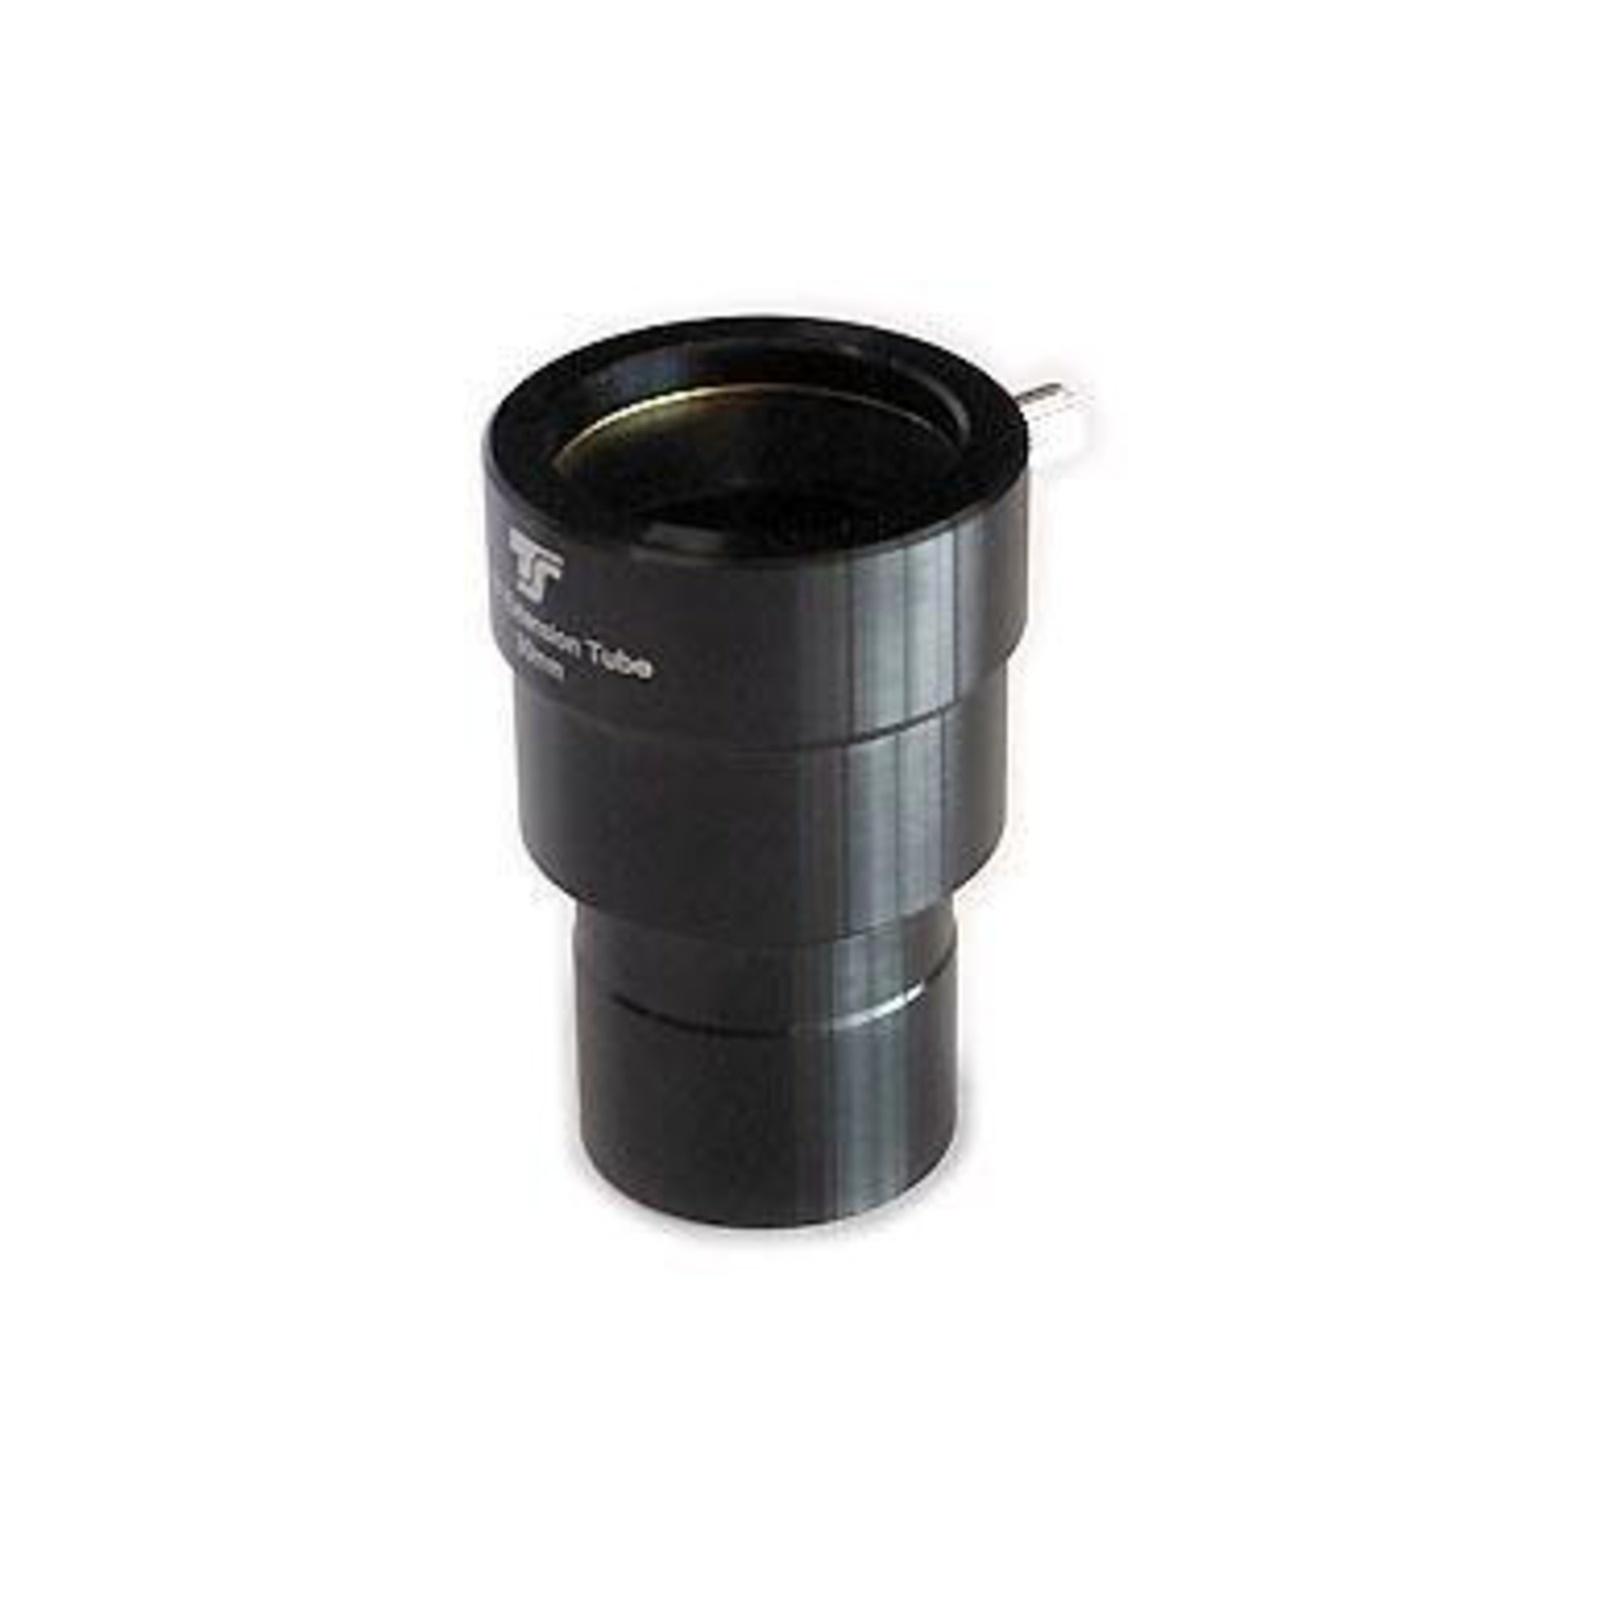 18-17-59-TS-Optics-Tuleja-przedluzajaca-1-25-dlugosc-toru-optycznego-35mm.jpg